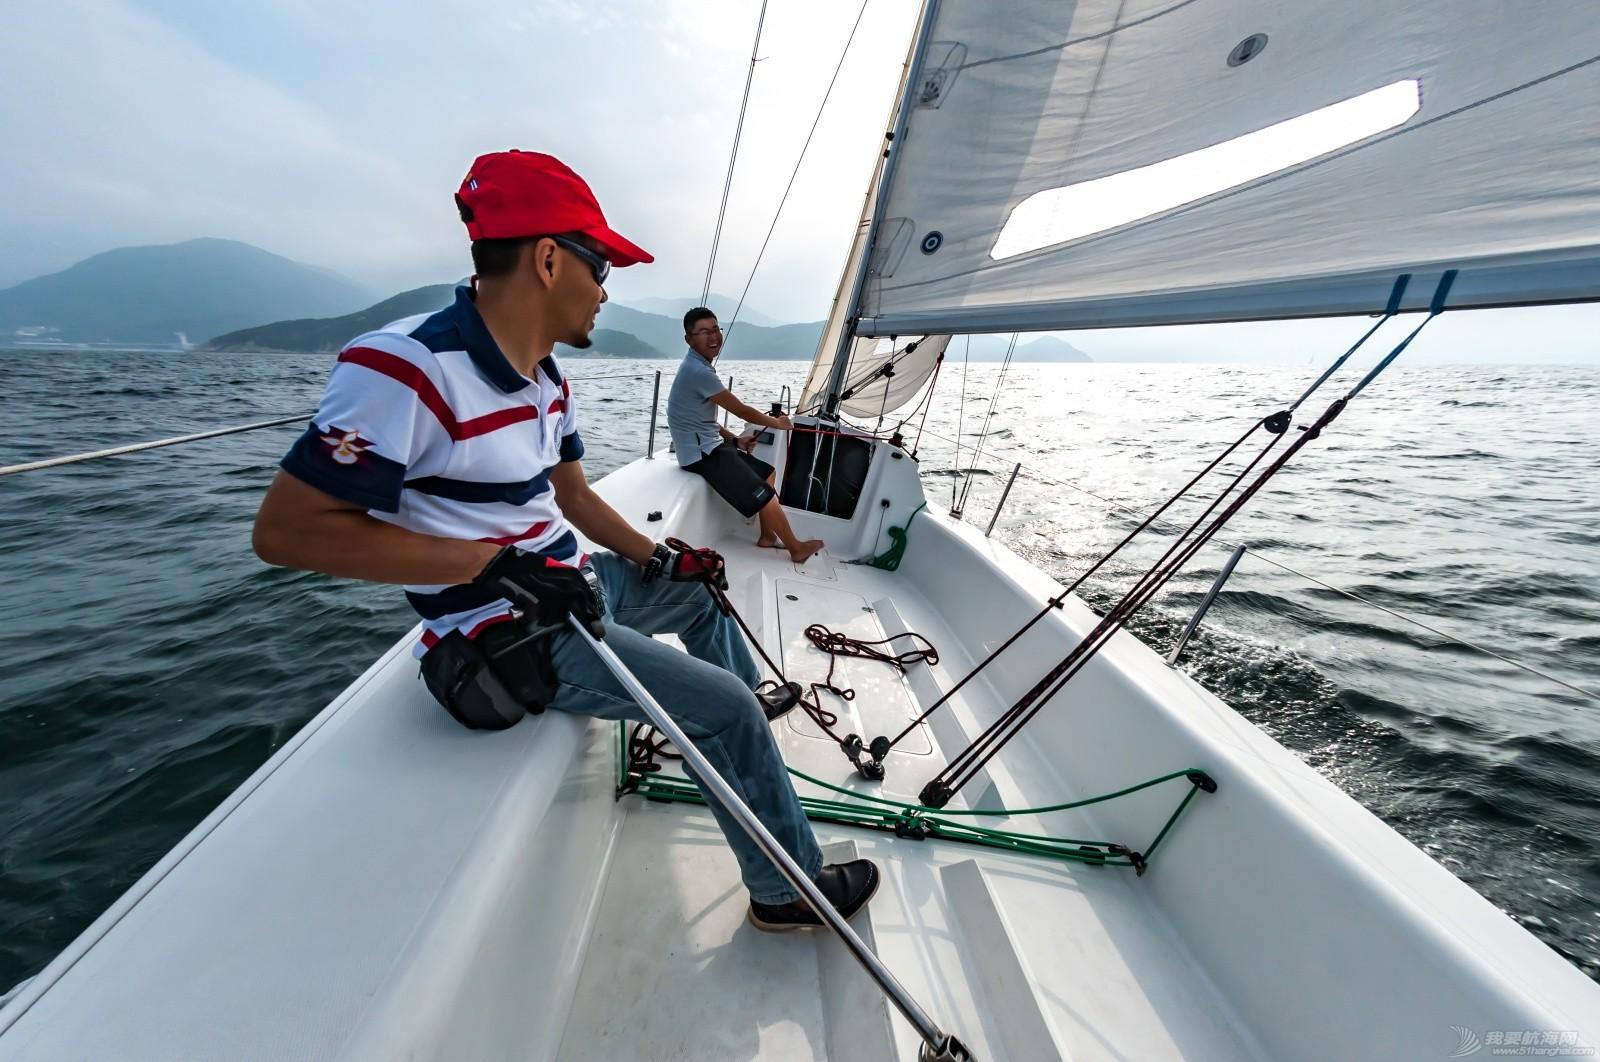 帆船 【2015大鹏杯帆船赛】鱼眼看航海 16005.jpg